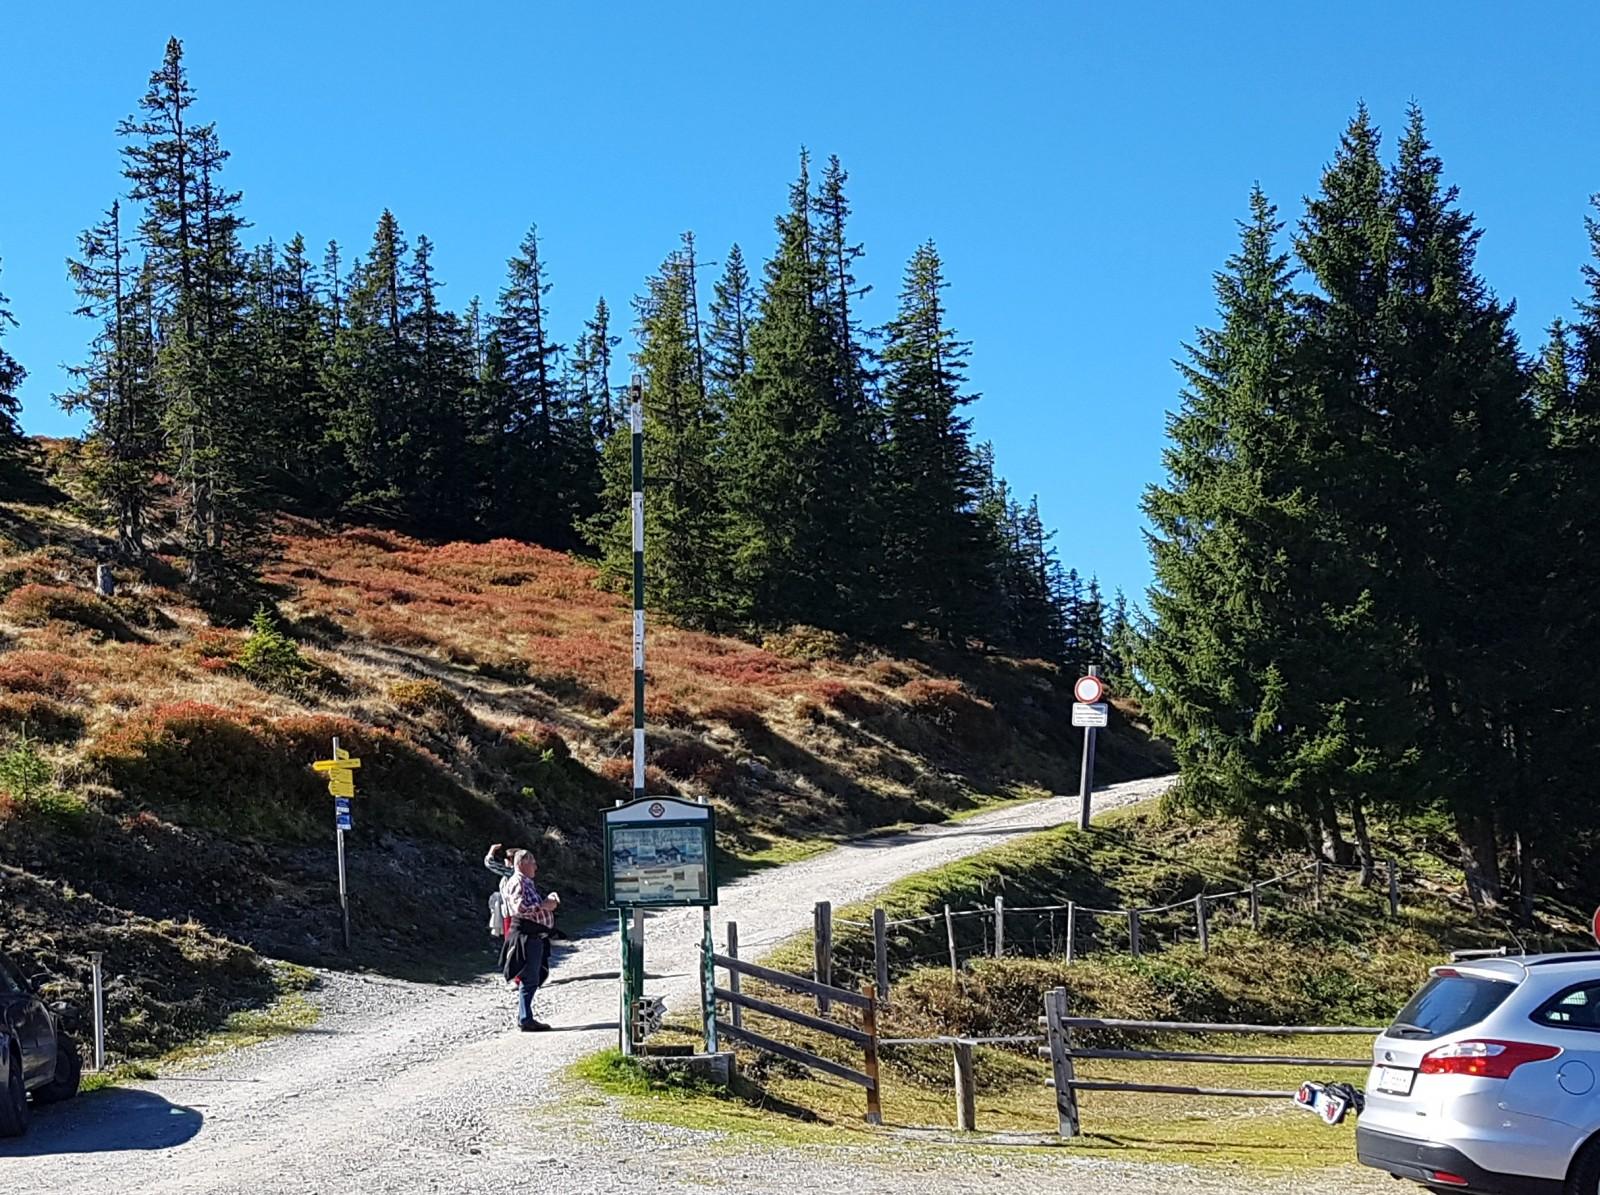 Vom Parkplatz aus gibt es zwei Wege: Den gemütlichen über den Forstweg und den abenteuerlichen über den Steilhang links.